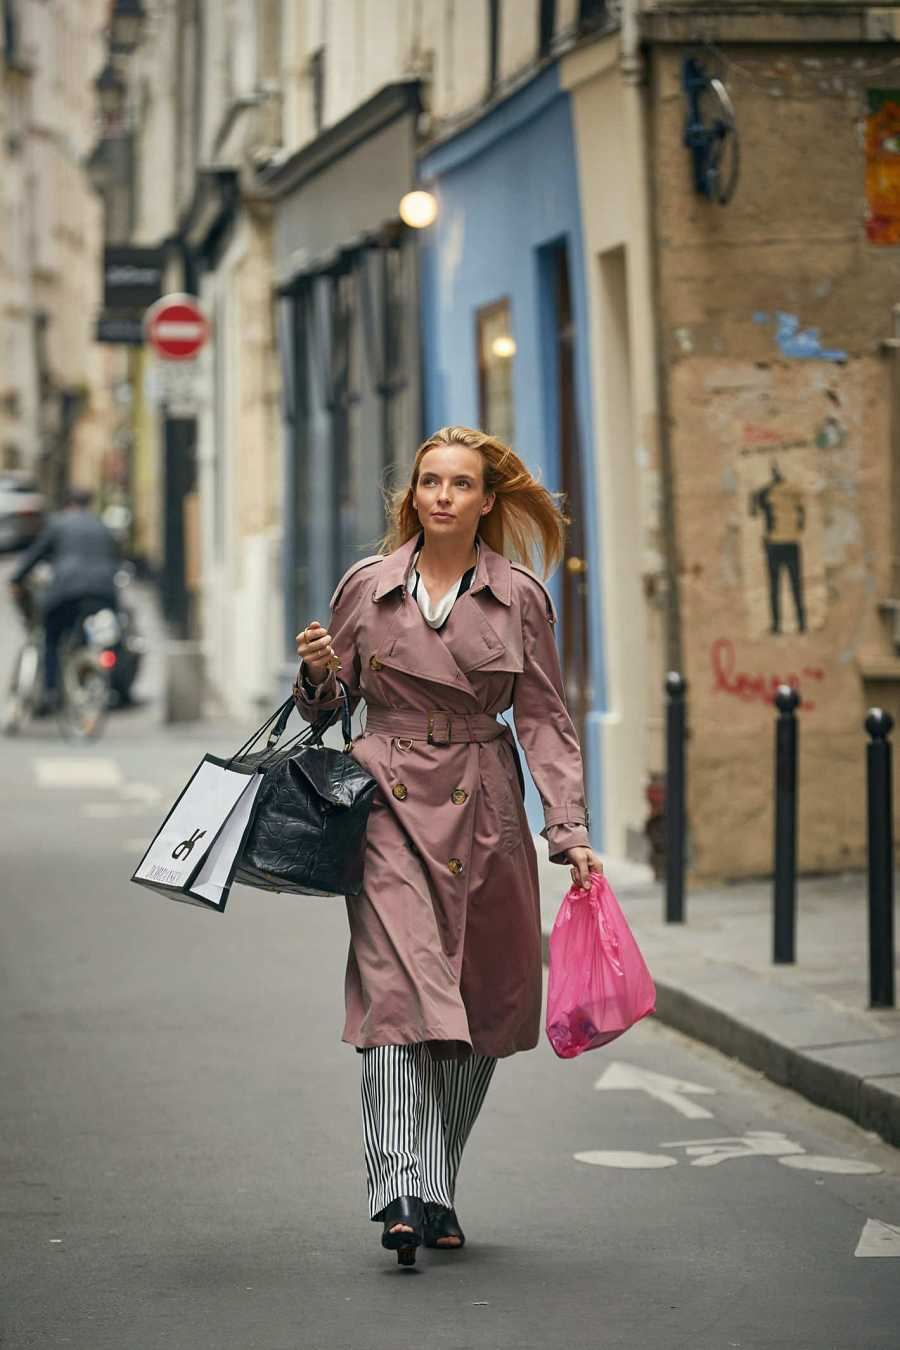 La asesina sale de compras con una gabardina de Burberry y zapatos abiertos de Balenciaga